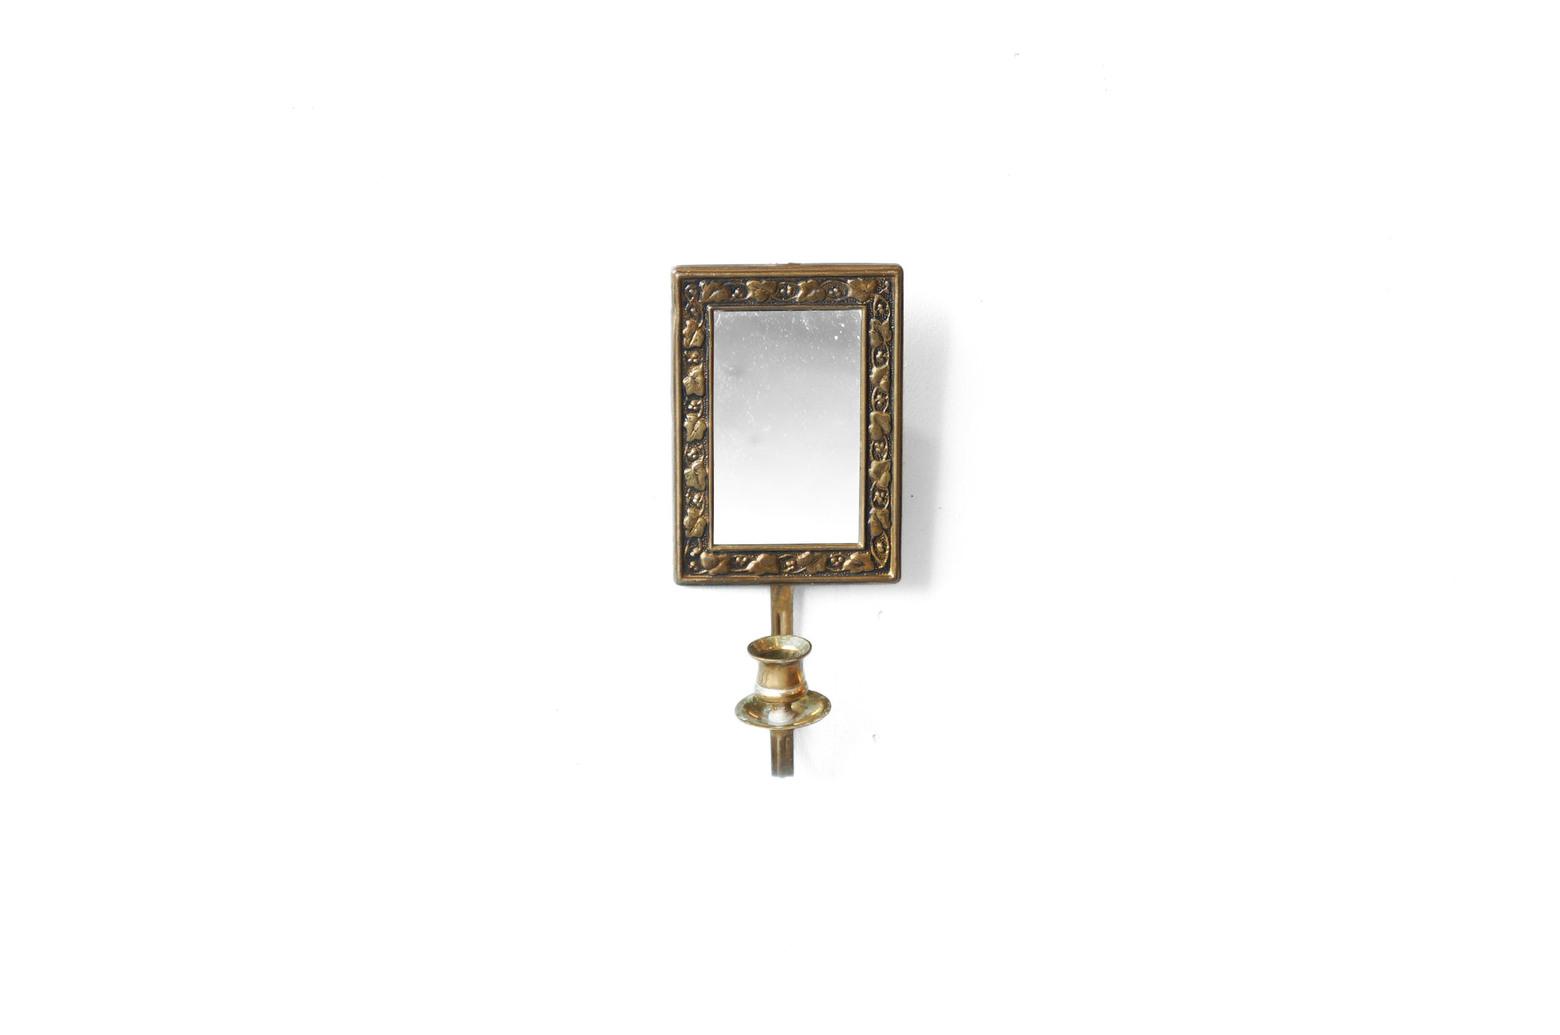 UK Vintage Brass Wall Mirror Candle Holder/イギリスヴィンテージ ウォールミラー キャンドルホルダー 真鍮 レリーフ インテリア